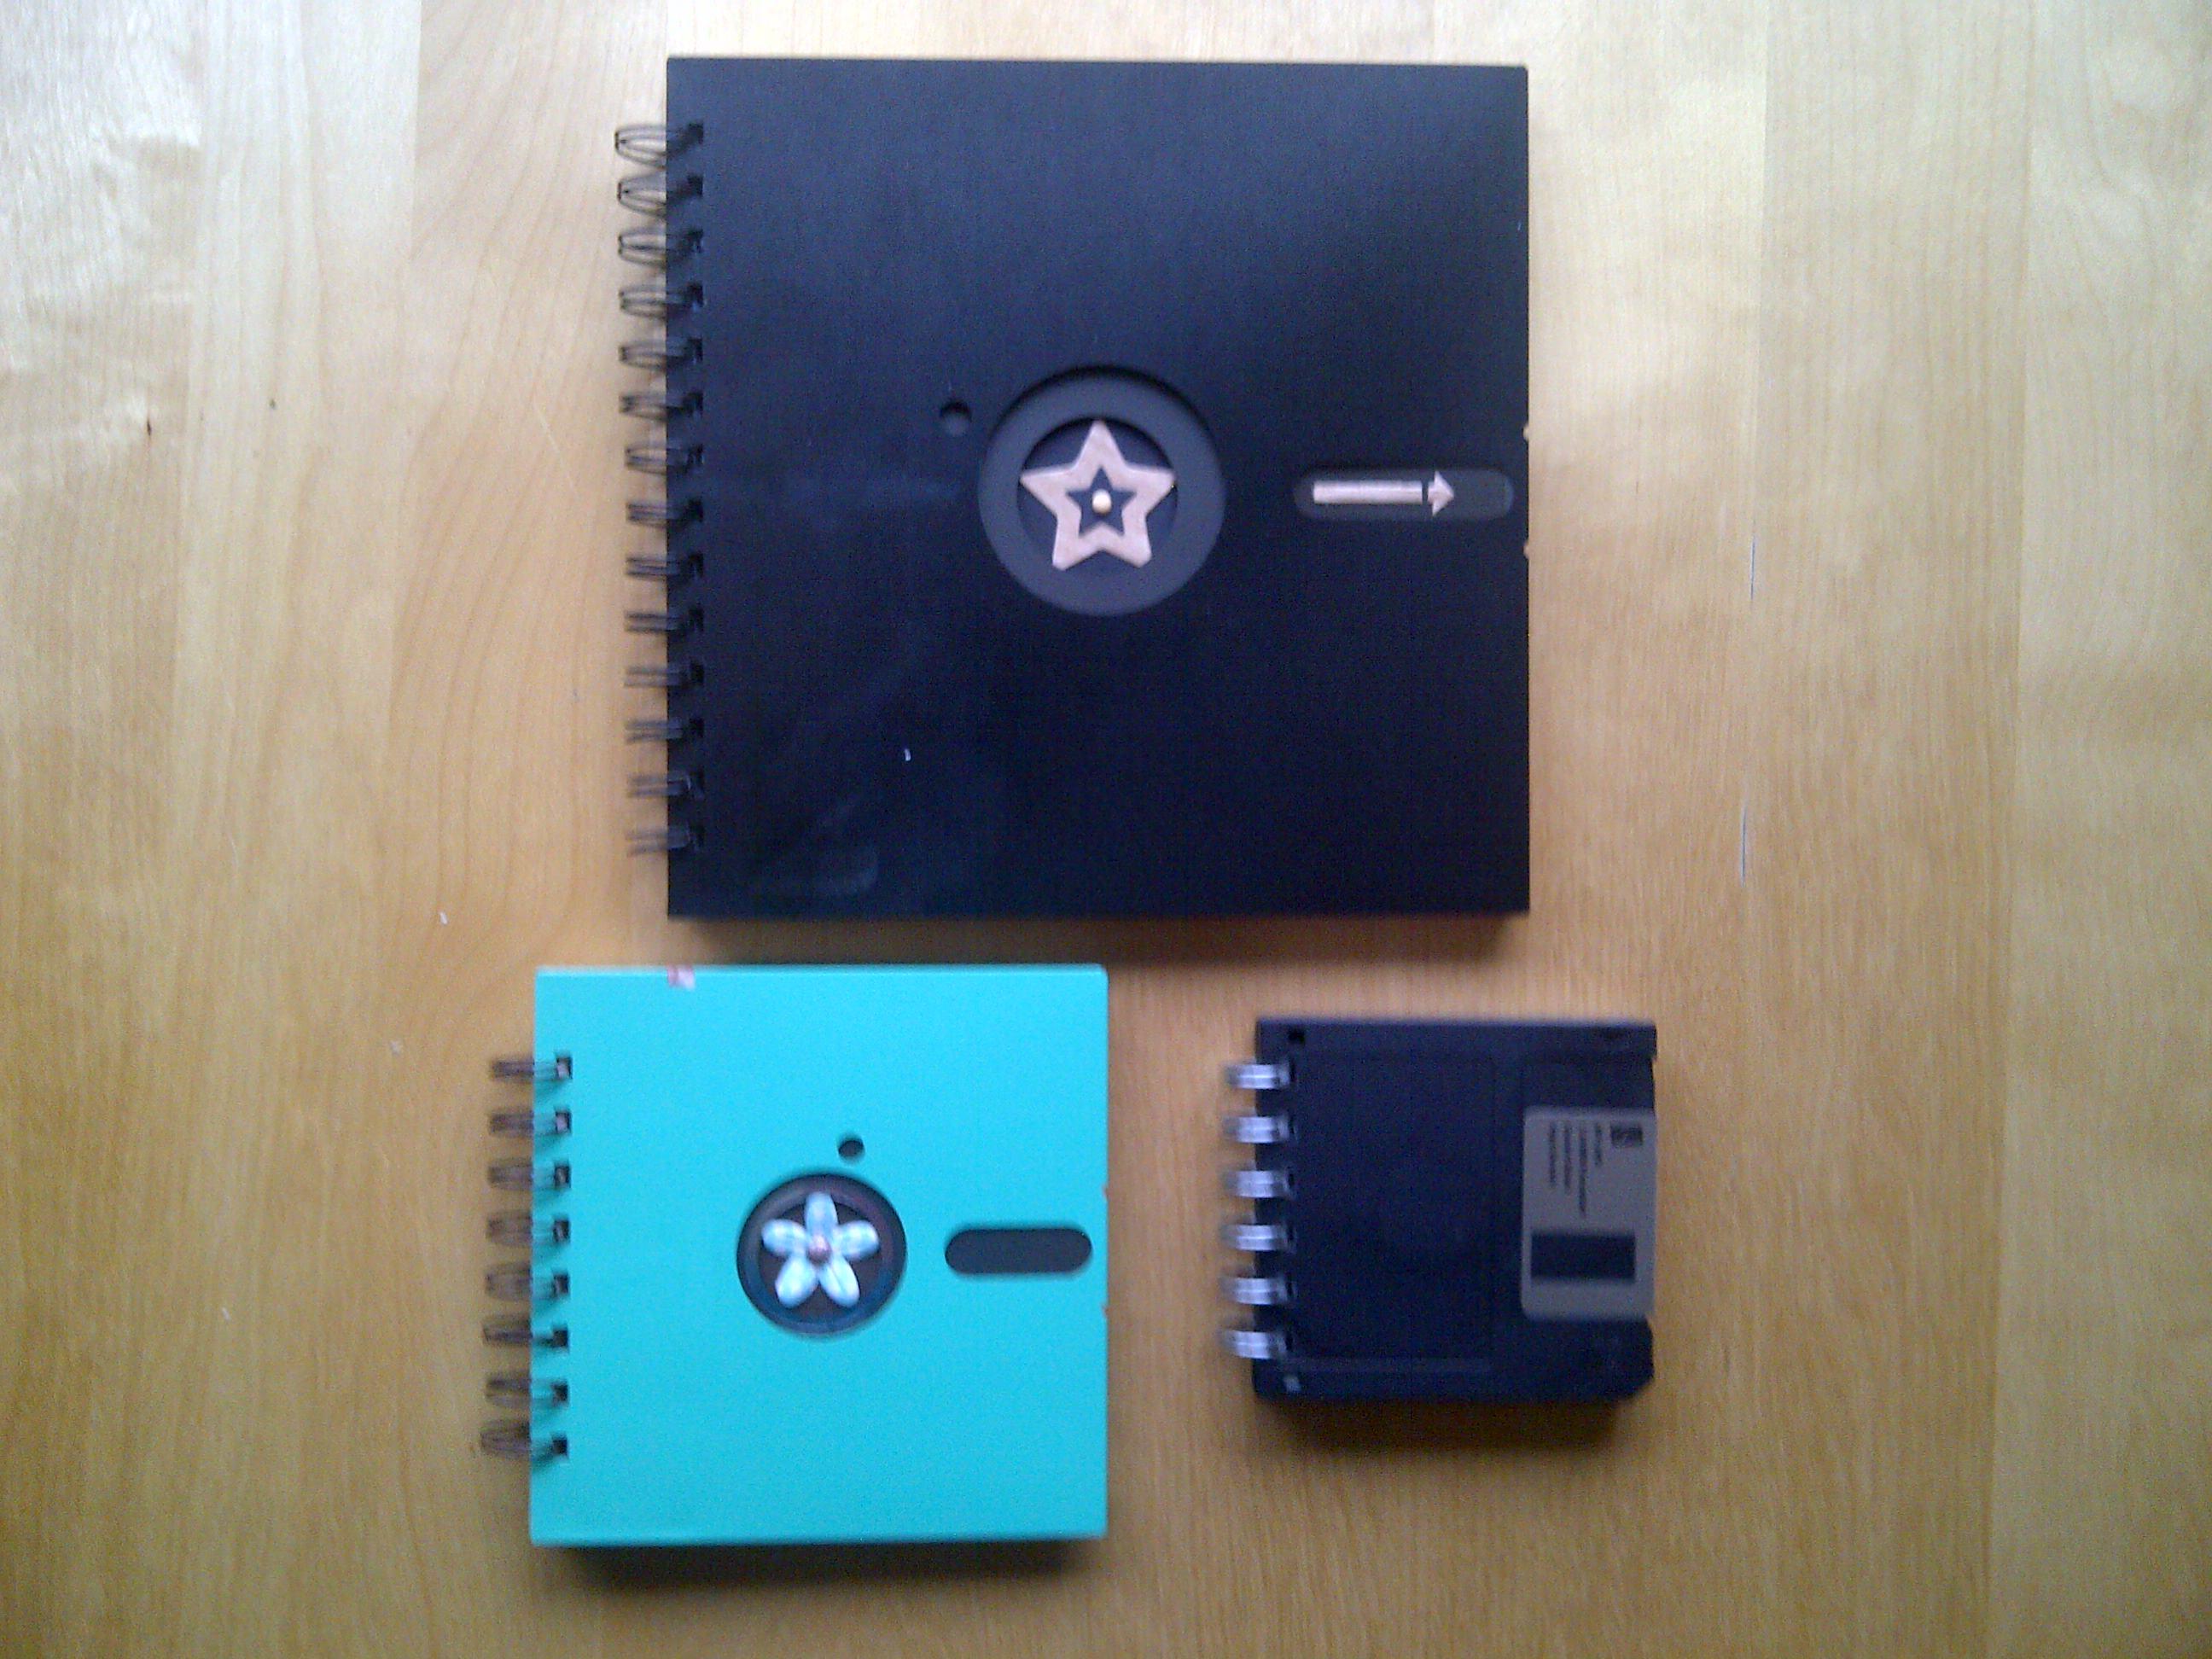 Floppy disk notebook family 2